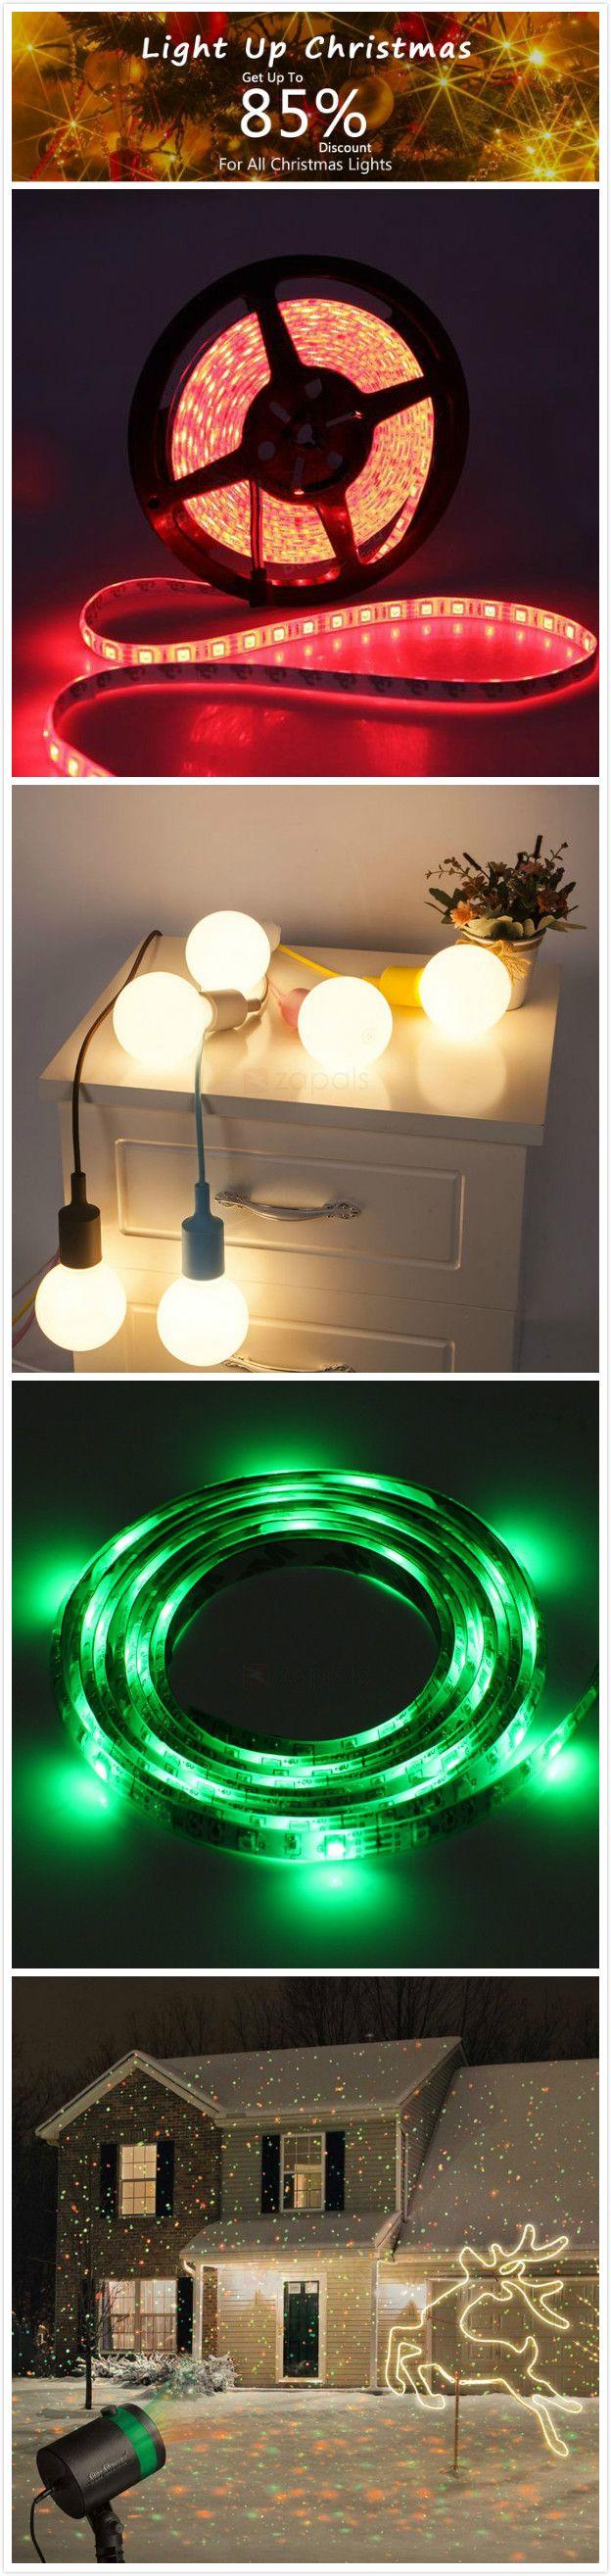 Christmas Lights Mega Sale! LED Strip Lights, Stage Lights, Festival Decor Lights, and Smart APP Control Lights with new design for sale! Light Up Your Christams!